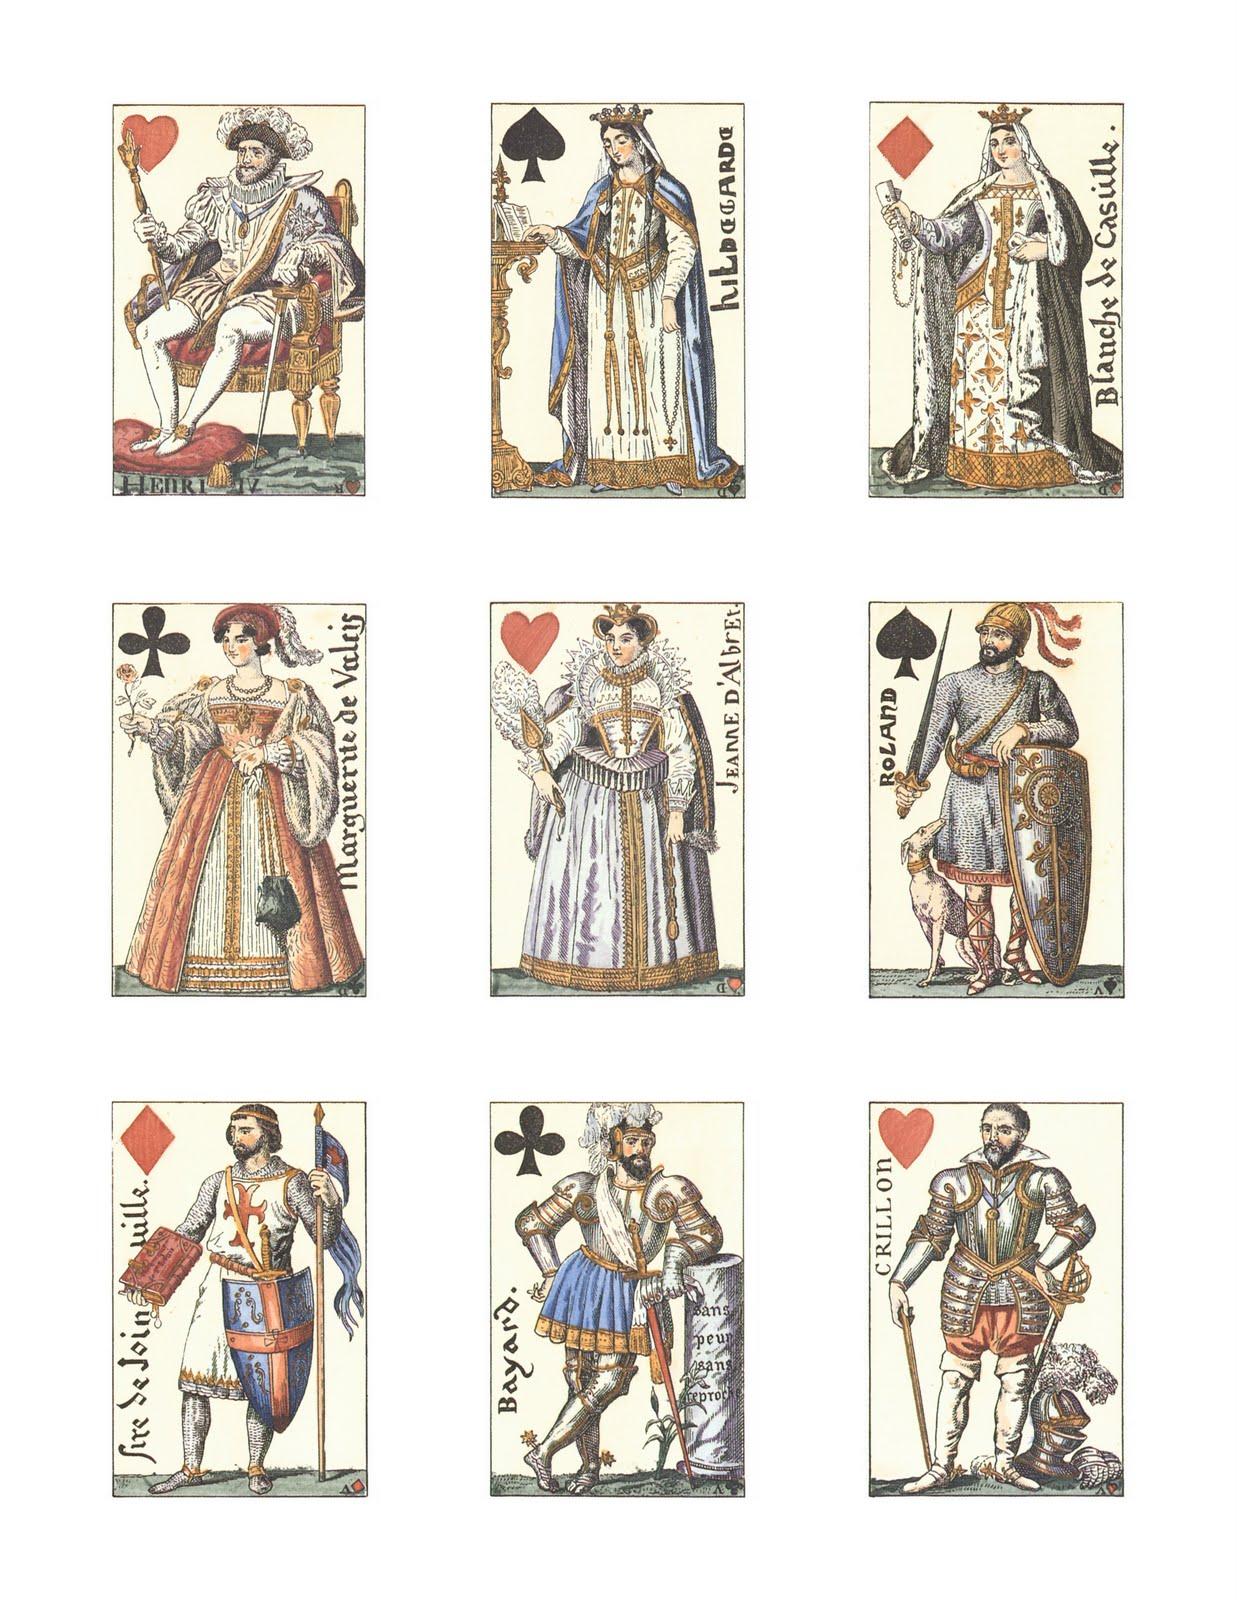 Printable Tarot Deck A Tarot Card Deck And Printable: Magic Moonlight Free Images: Old Tarot Cards! Free